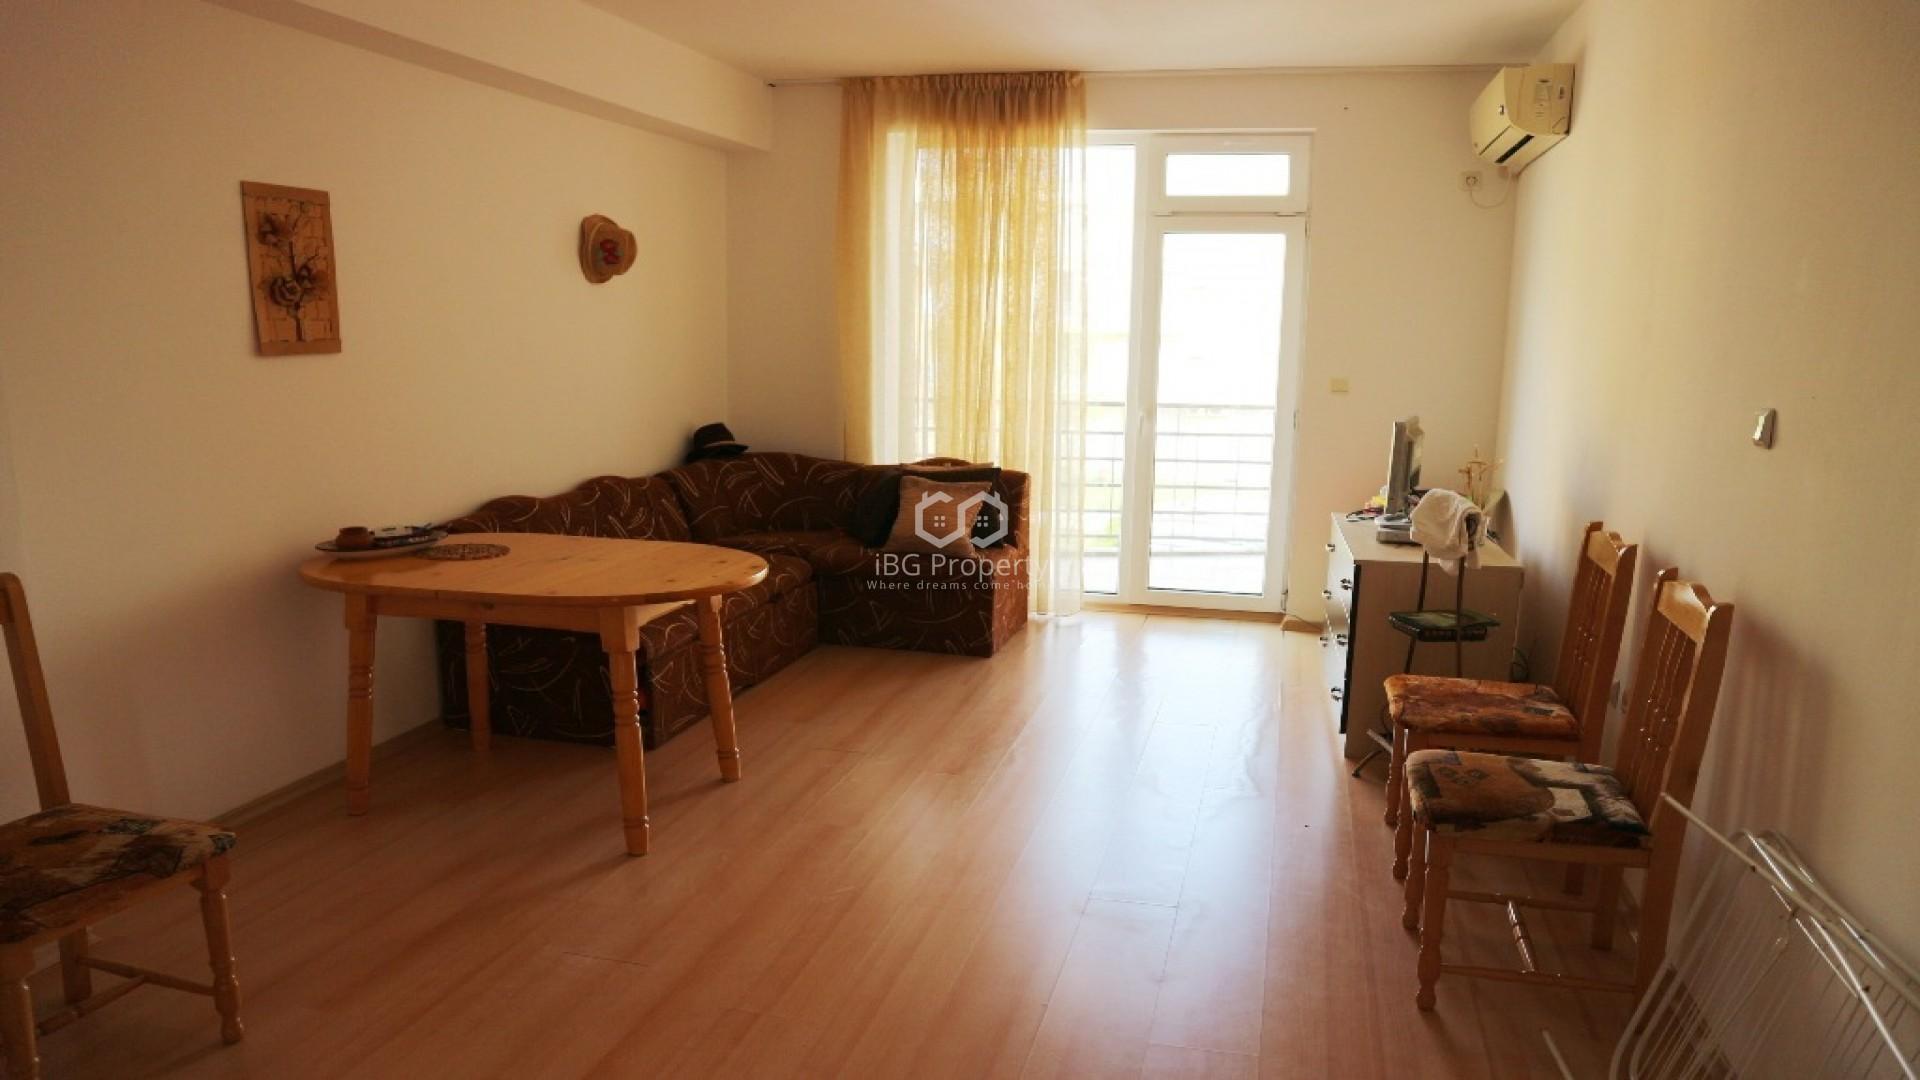 Zweizimmerwohnung in Sonnenstrand 54 m2